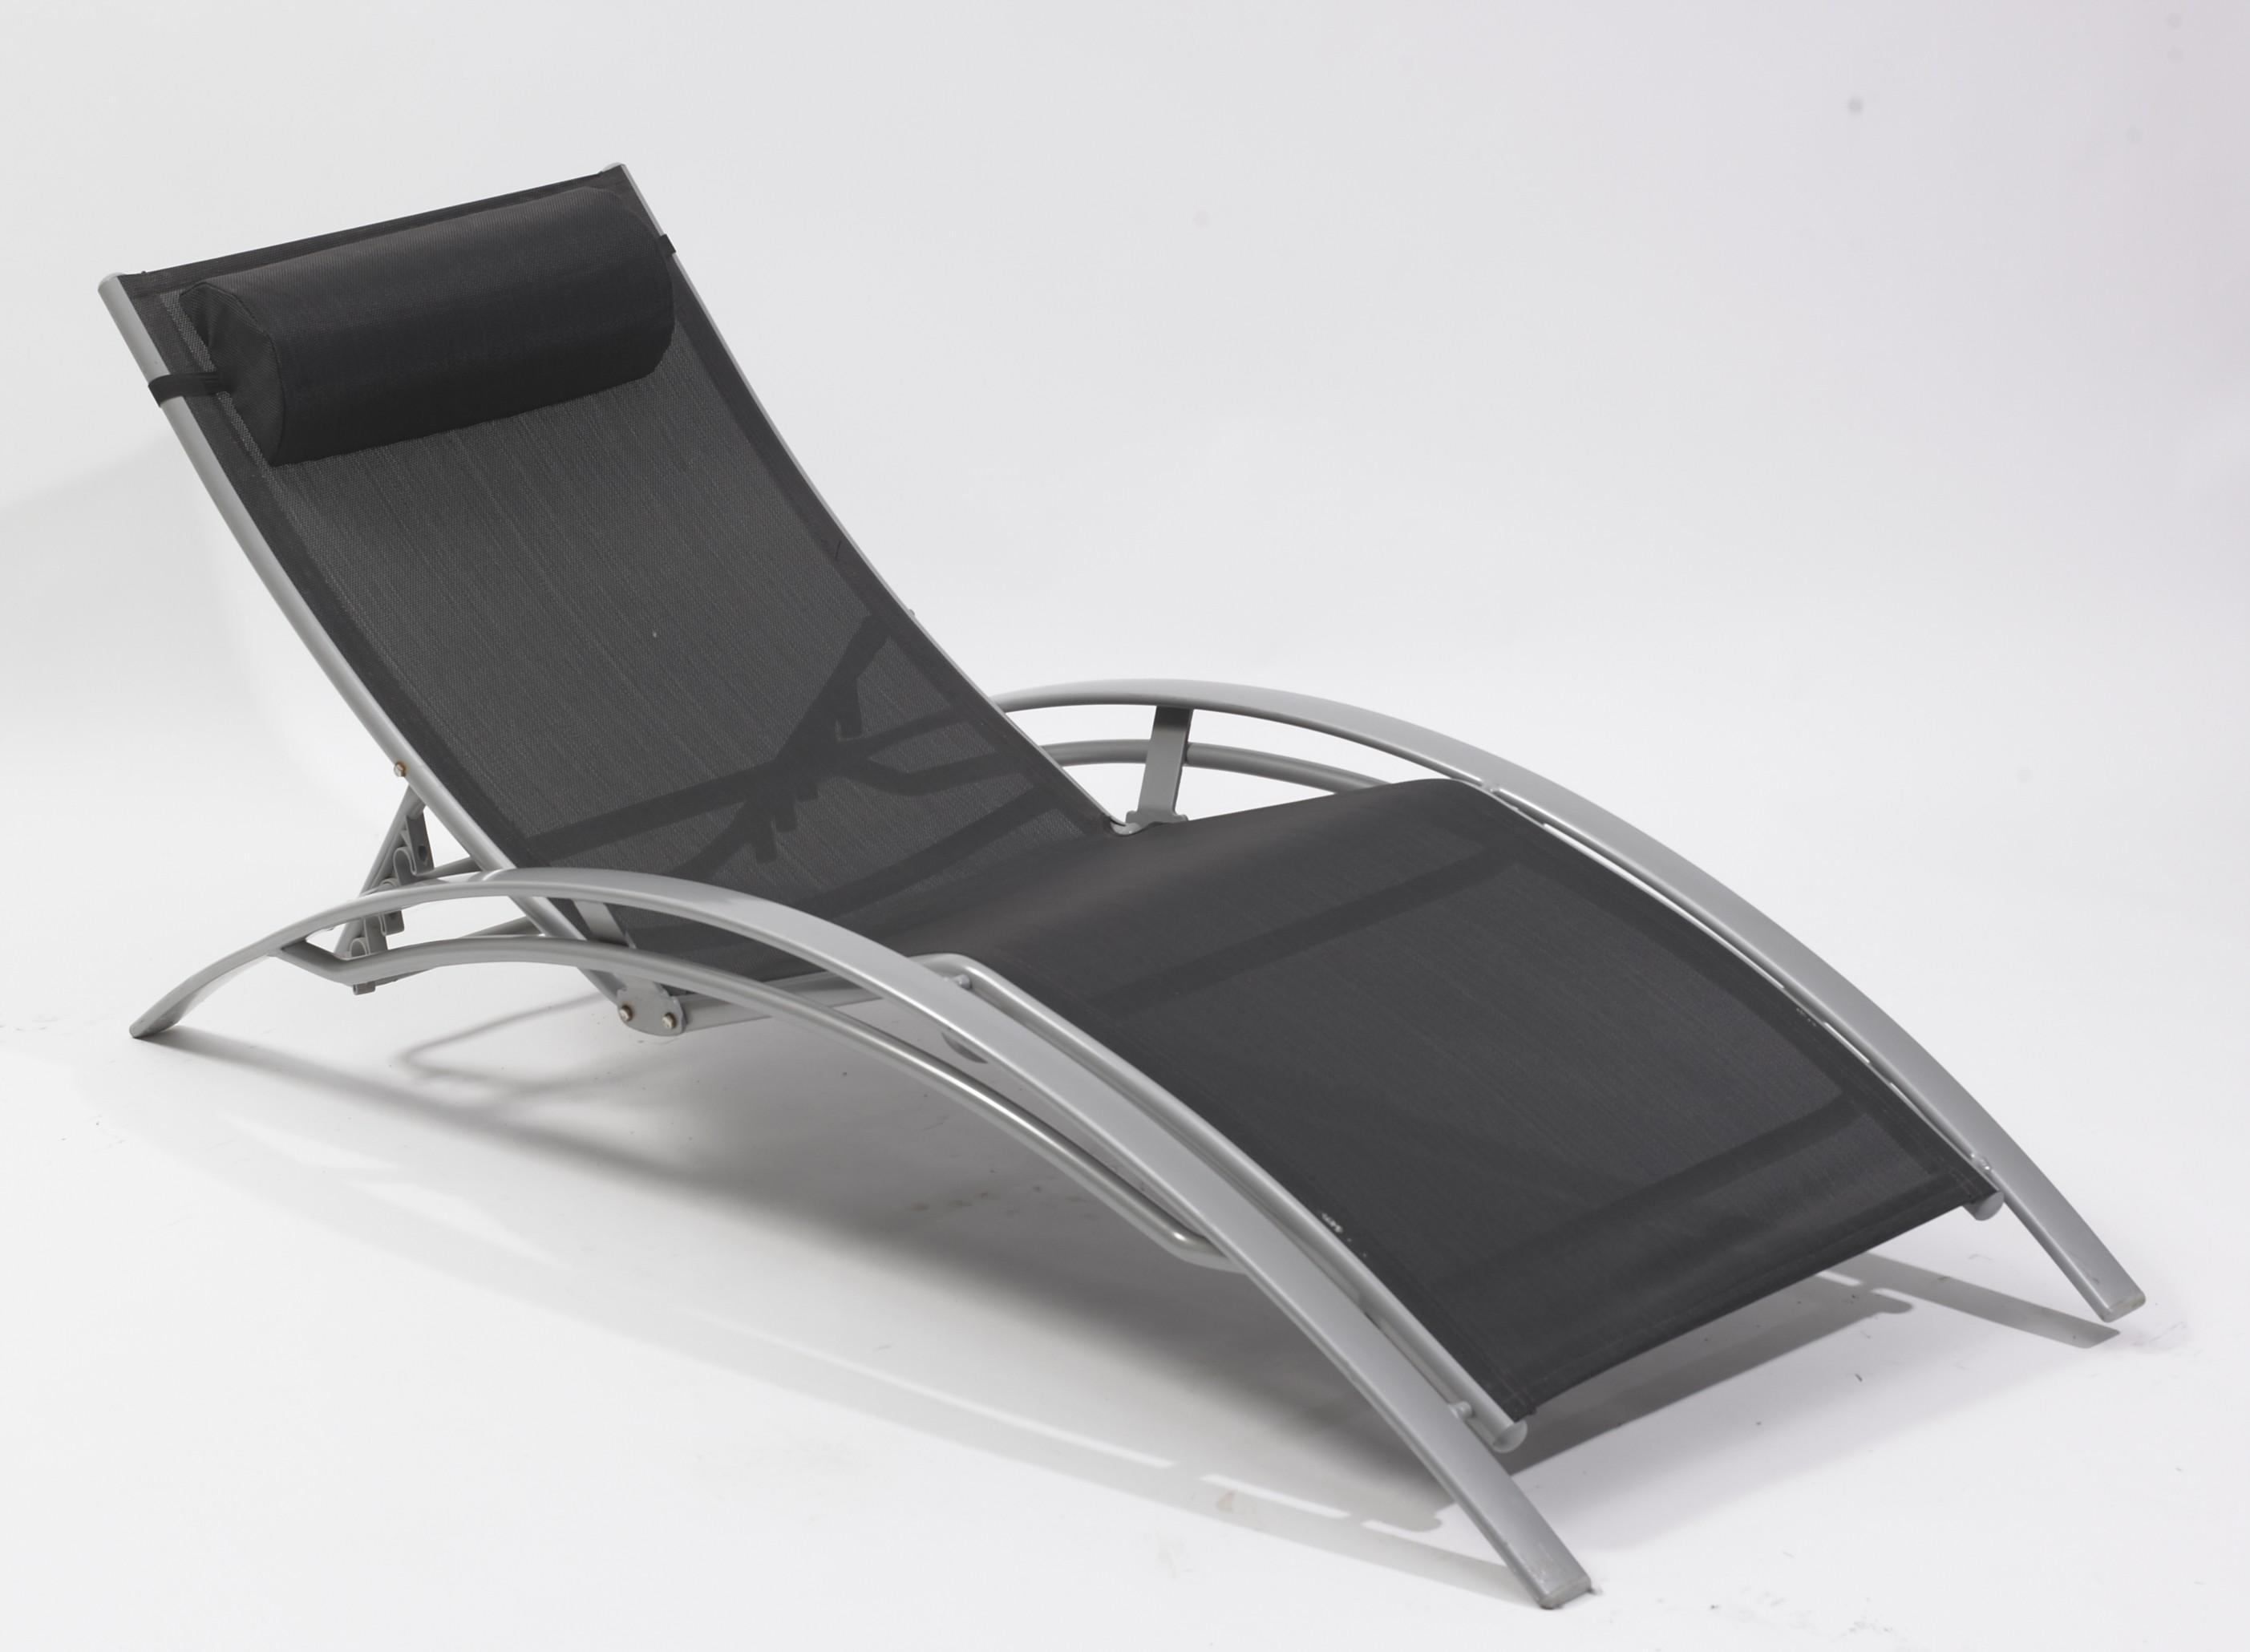 Chaise longue multi positions aluminium noir for Chaise longue noire